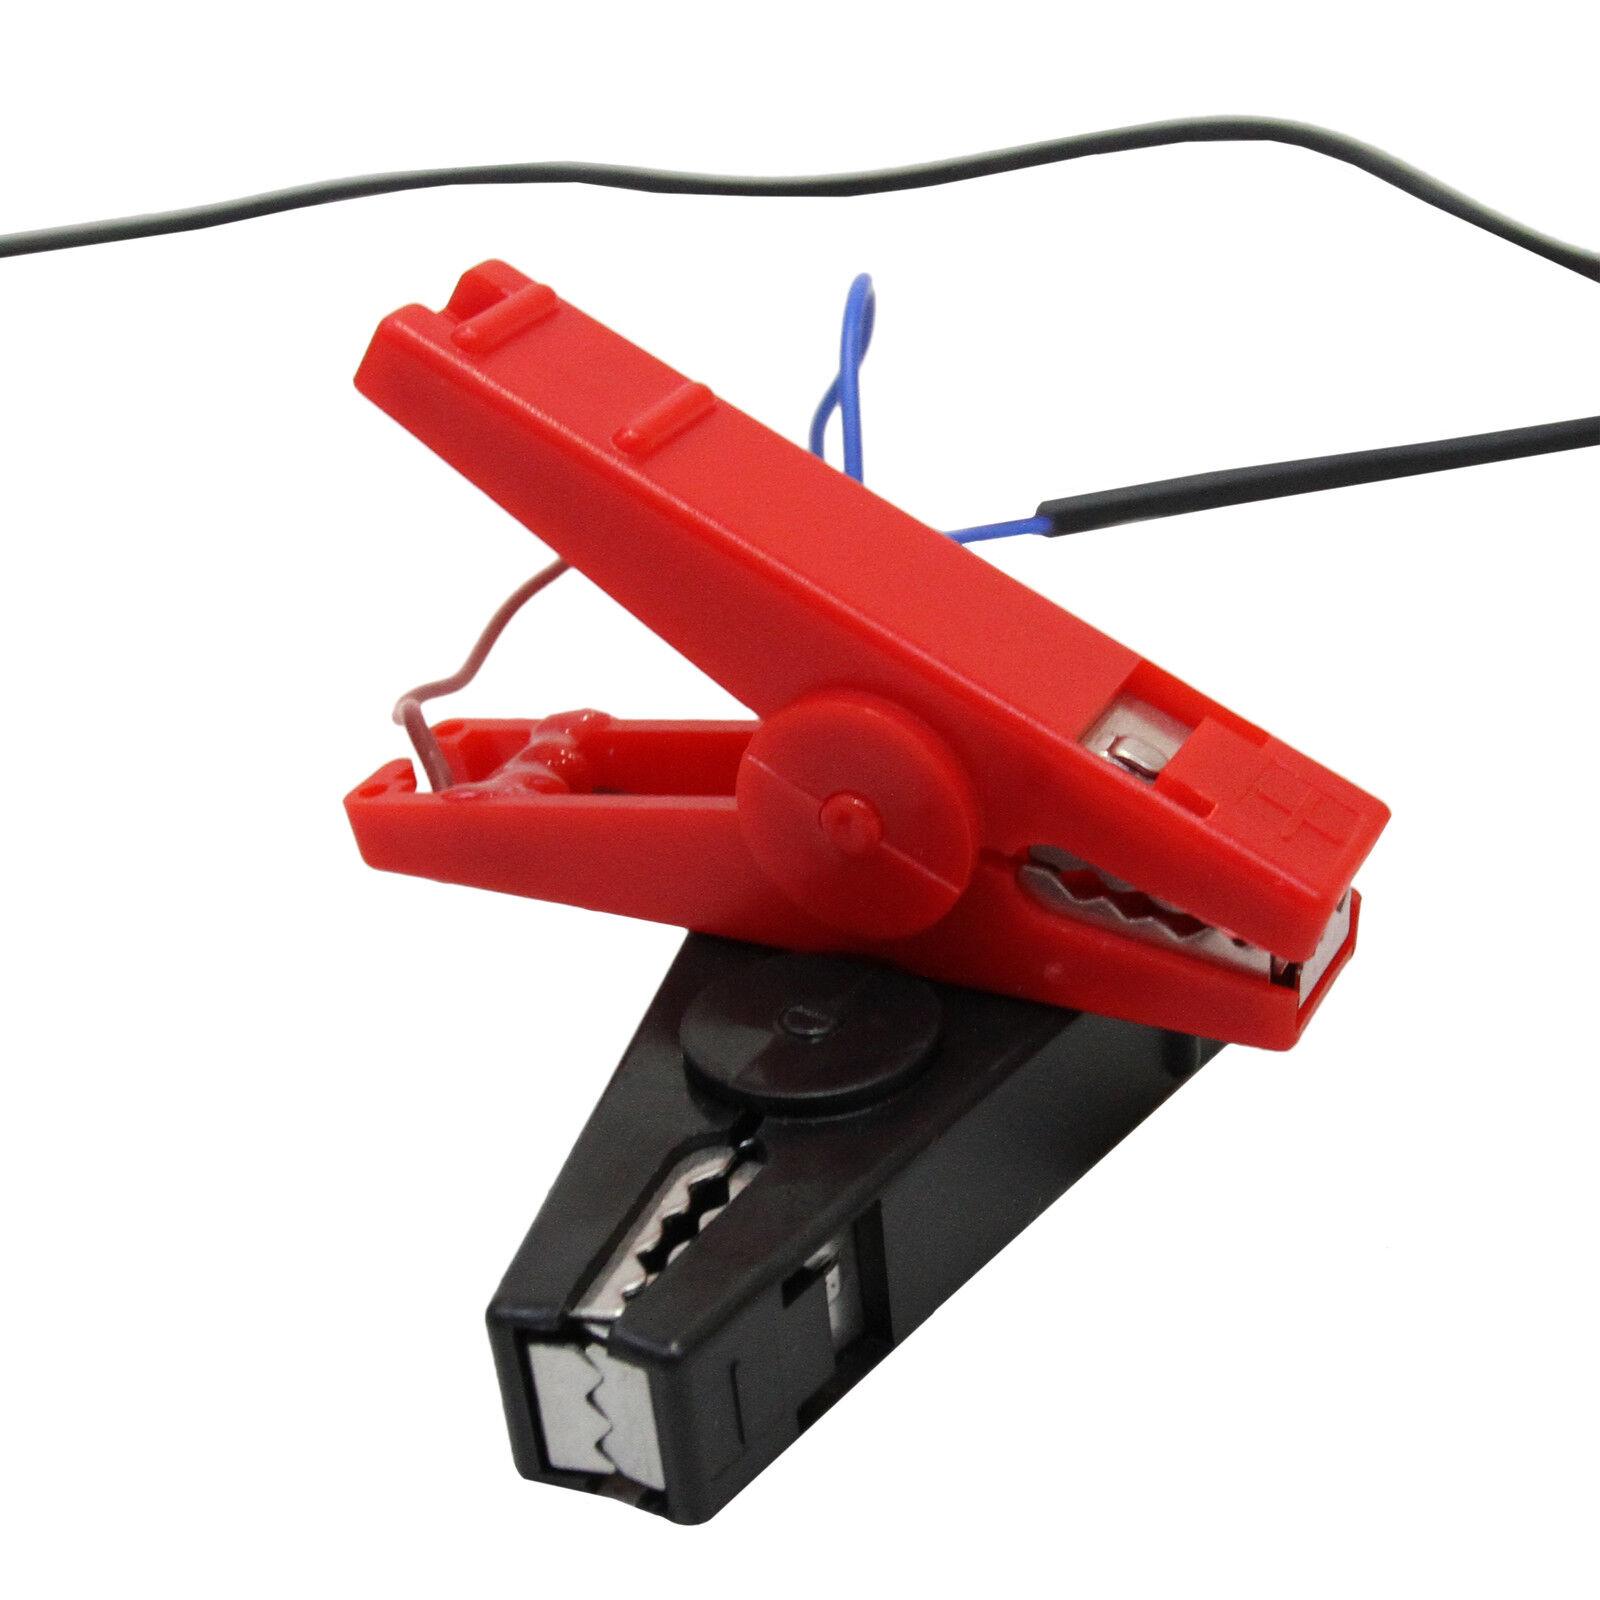 Elettrificatore a Copertura Batteria per Recinzioni per Animali 10000 volt Copertura a 10km 313615